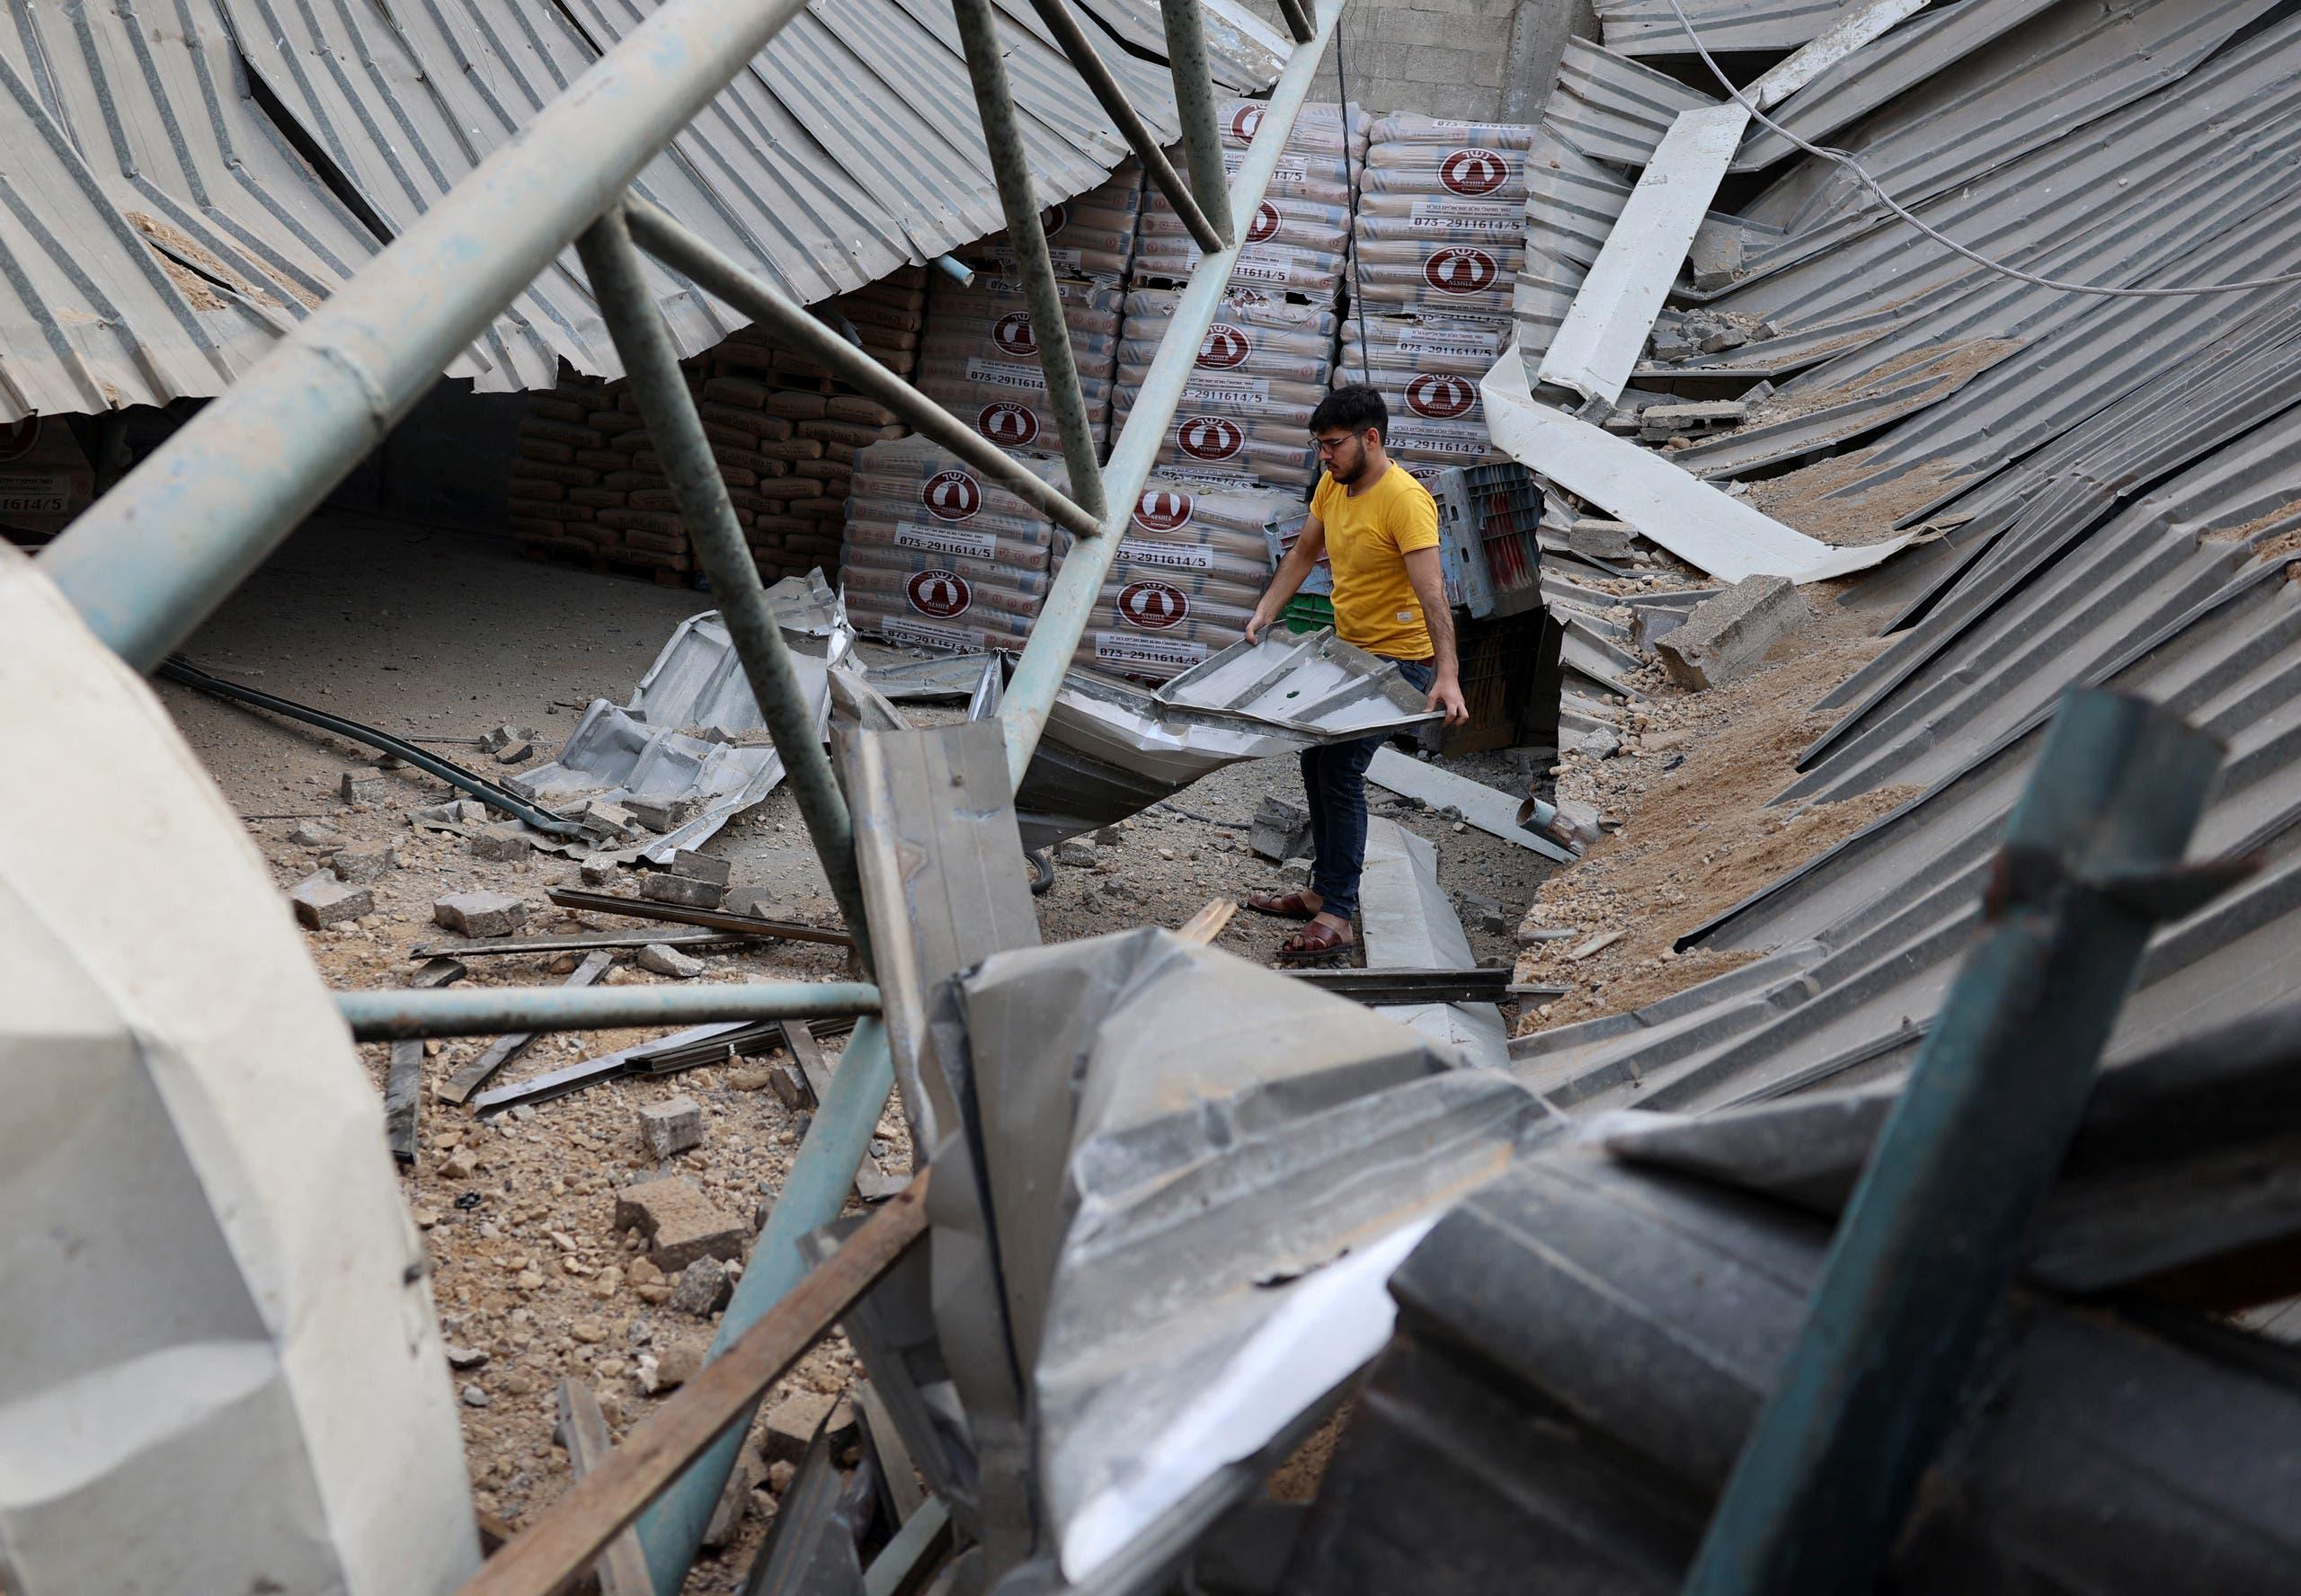 مصنع في غزة دمره قصف إسرائيلي